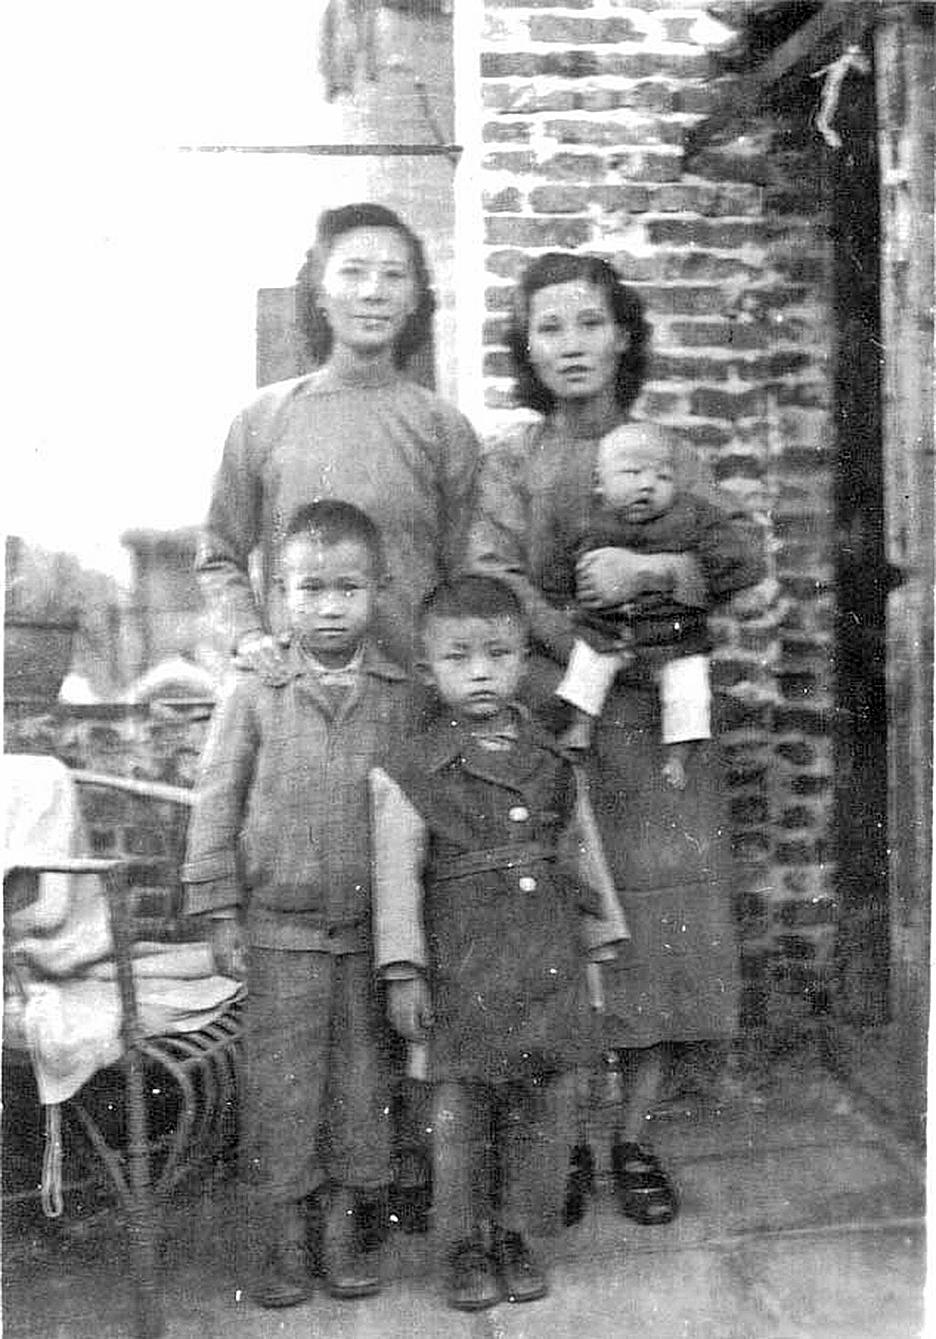 一九四九年十月,我們母子三人打扮妥當,臨赴廣州火車站前,在租屋之二樓陽台上,與手捧新生兒的房東張程超之夫人合影。我們住在九龍牛池灣時,好心的張先生寄來此照片給我們留念(作者提供)